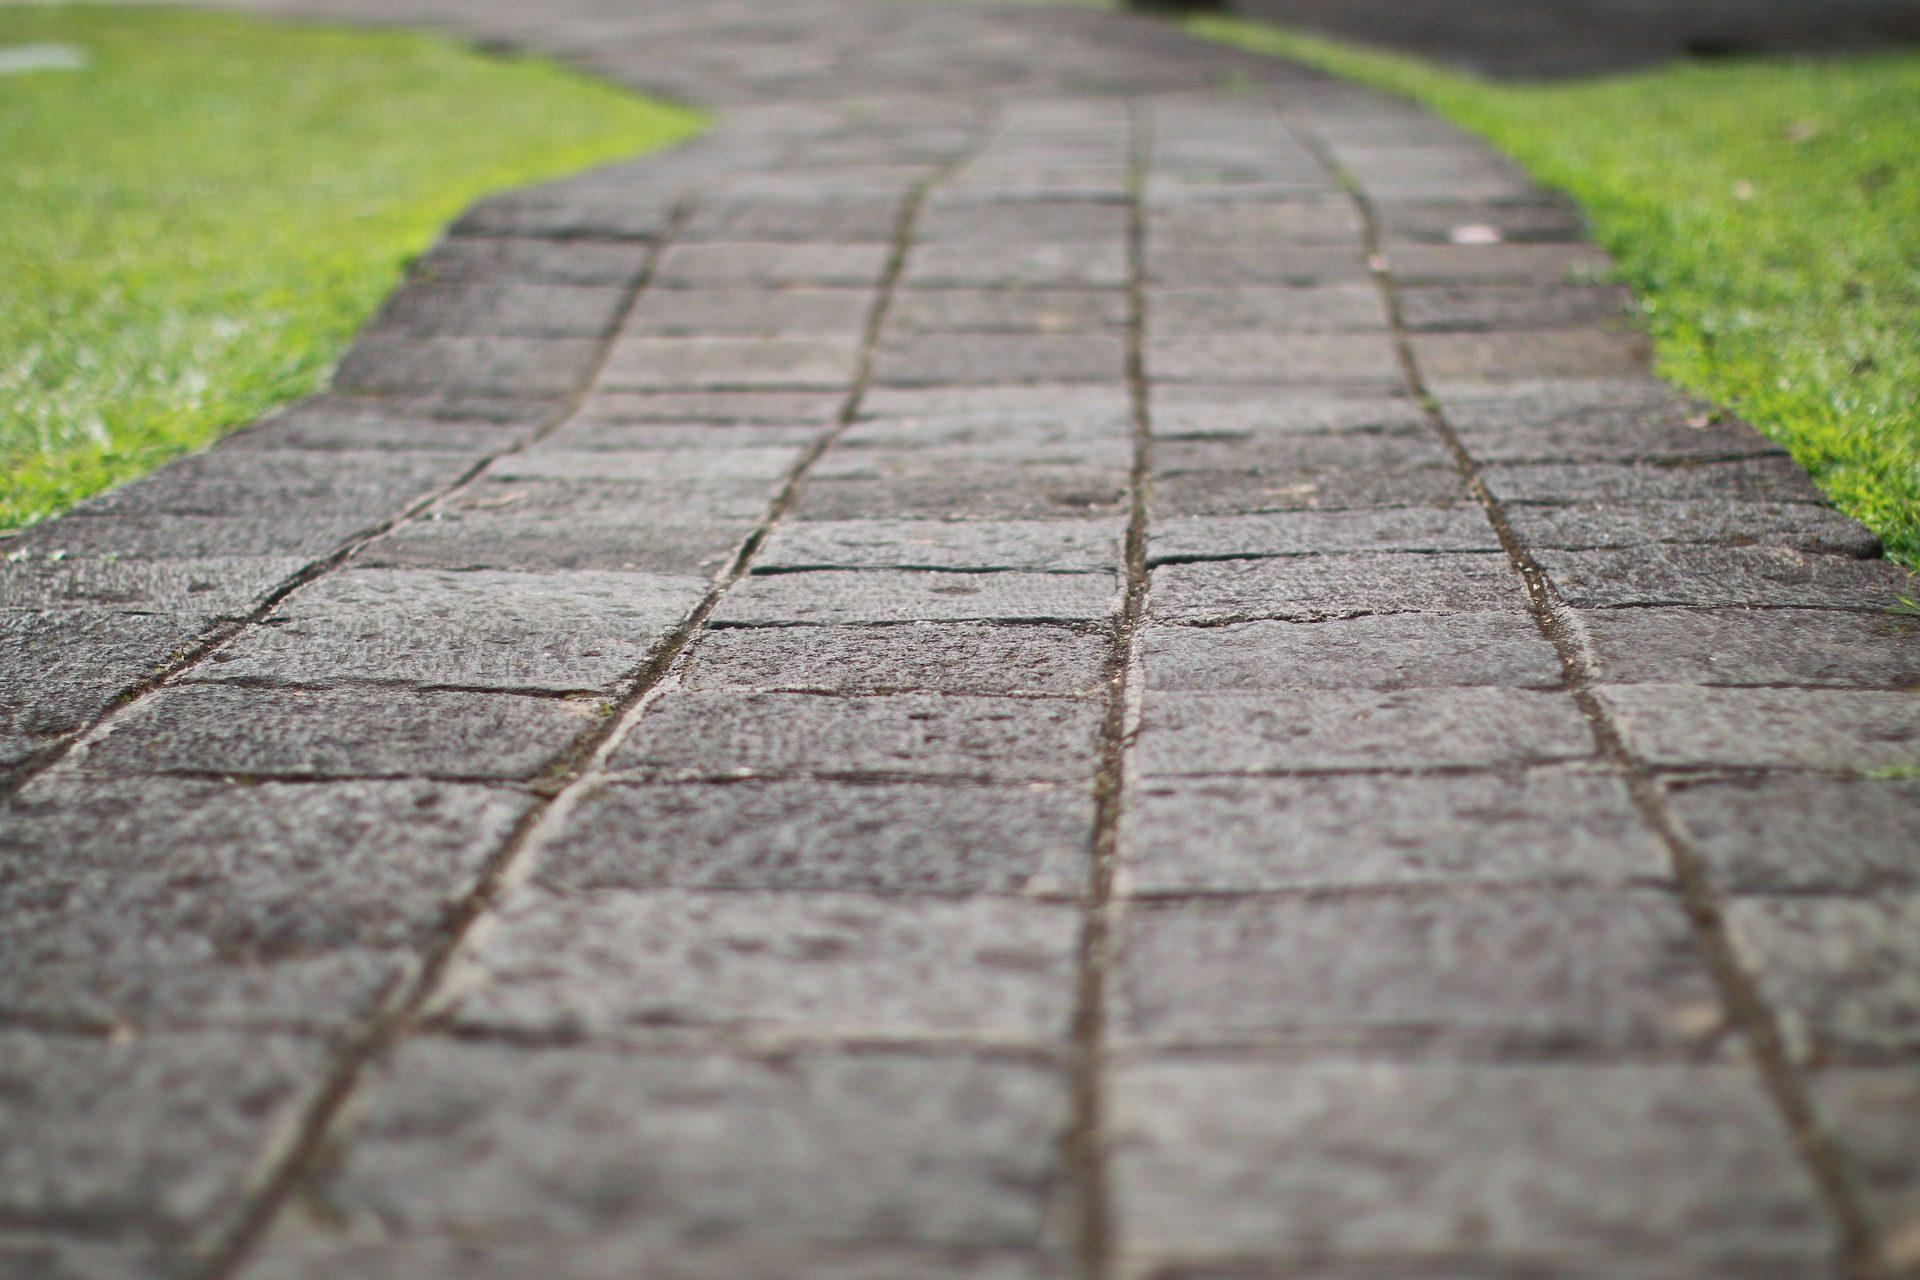 suelo, pasaje, camino, empedrado, hierba, jardín - Fondos de Pantalla HD - professor-falken.com